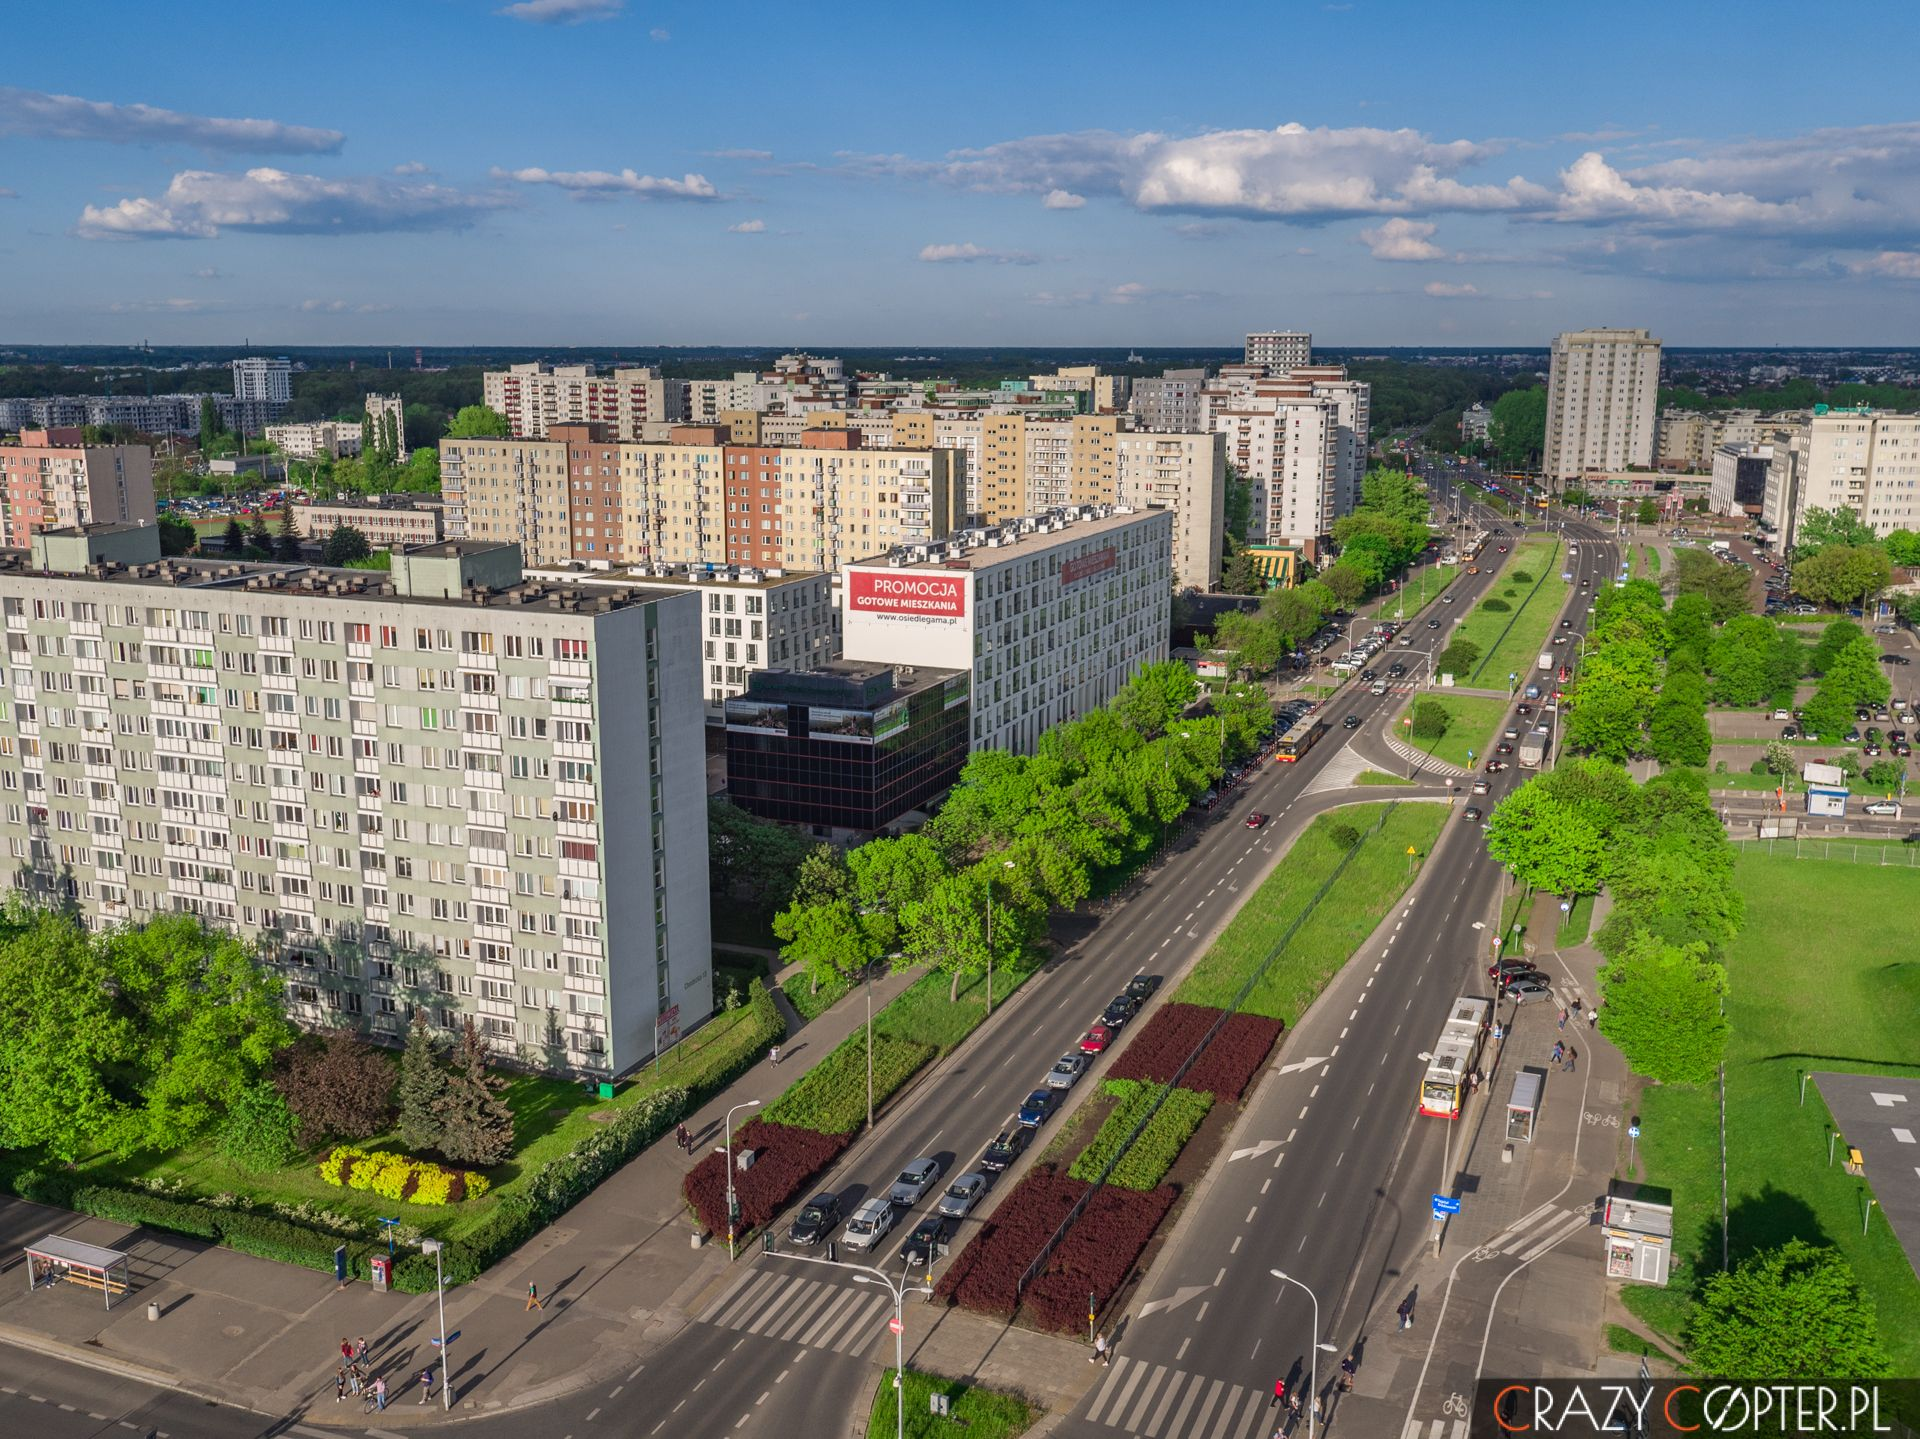 Zdjęcia otoczenia nieruchomości zdrona - Warszawa